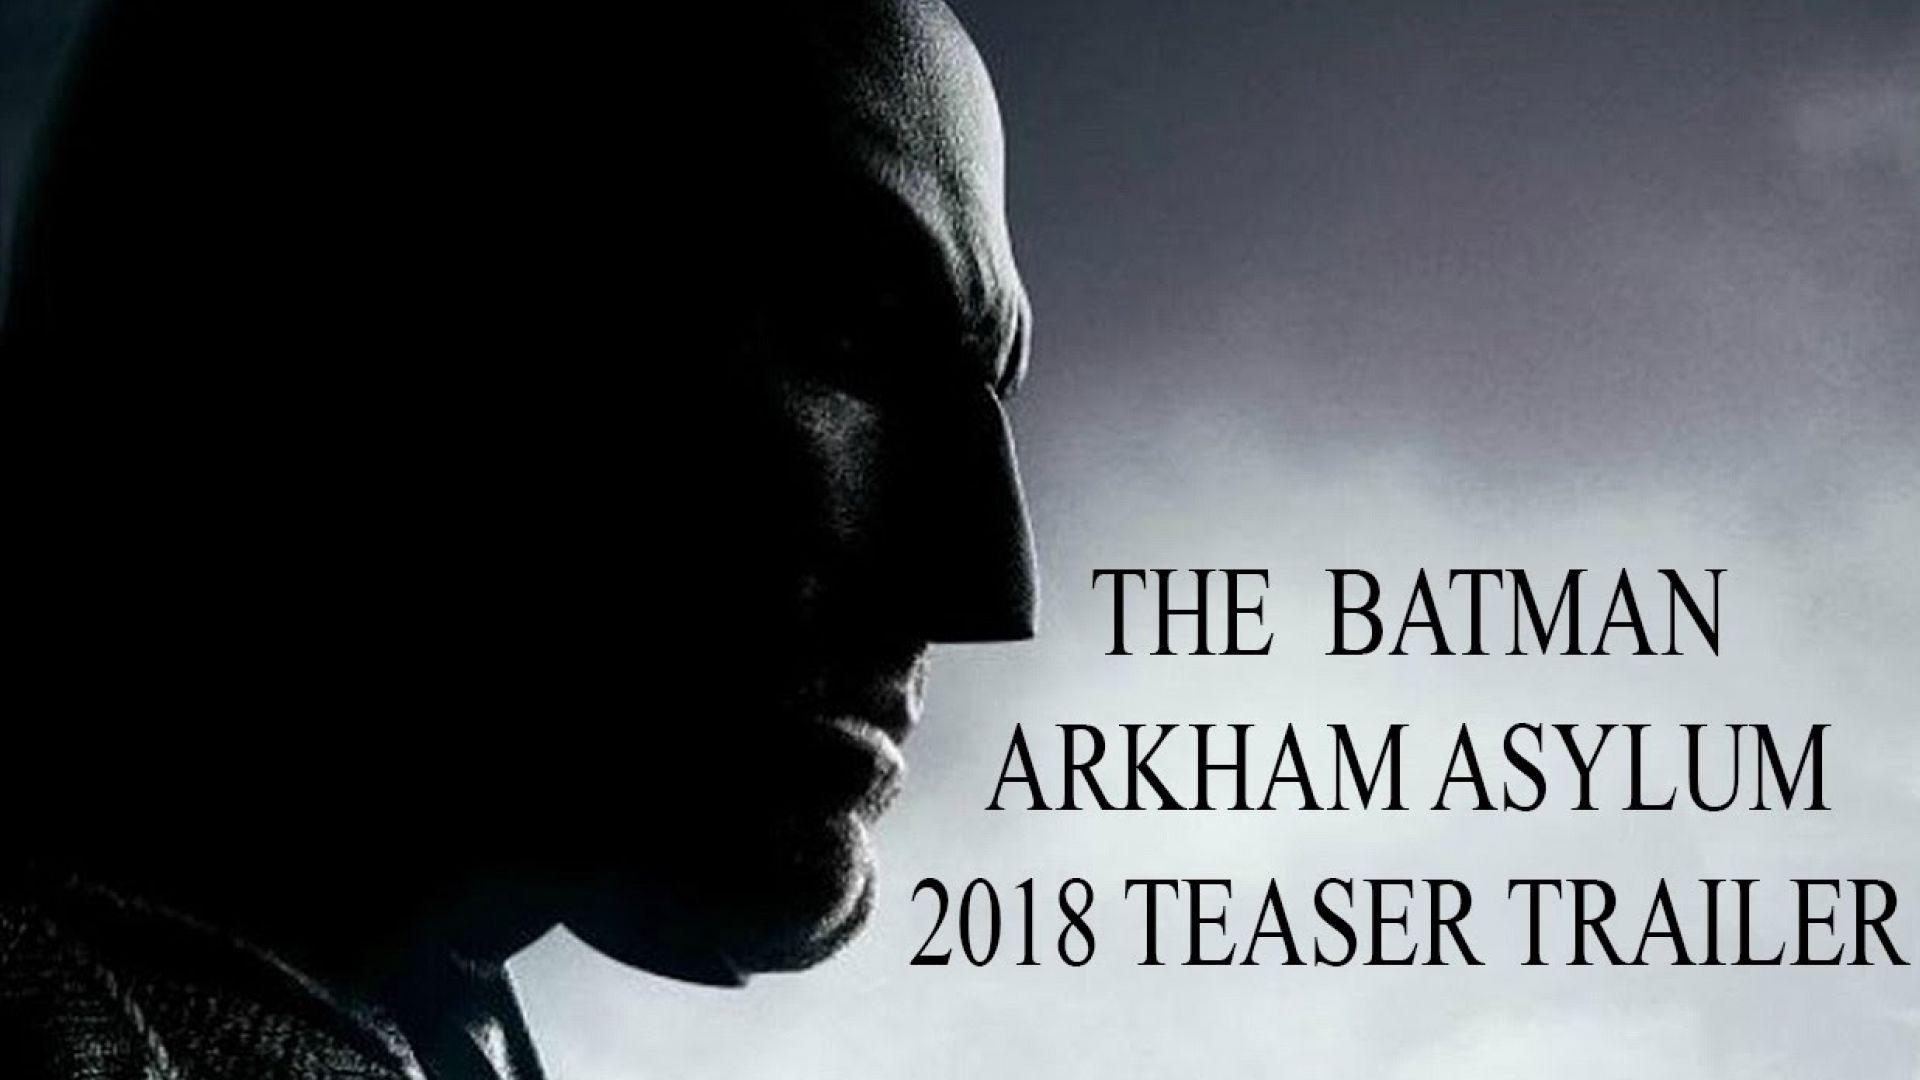 The Batman: Arkham Asylum (2018) Teaser Trailer FAN MADE